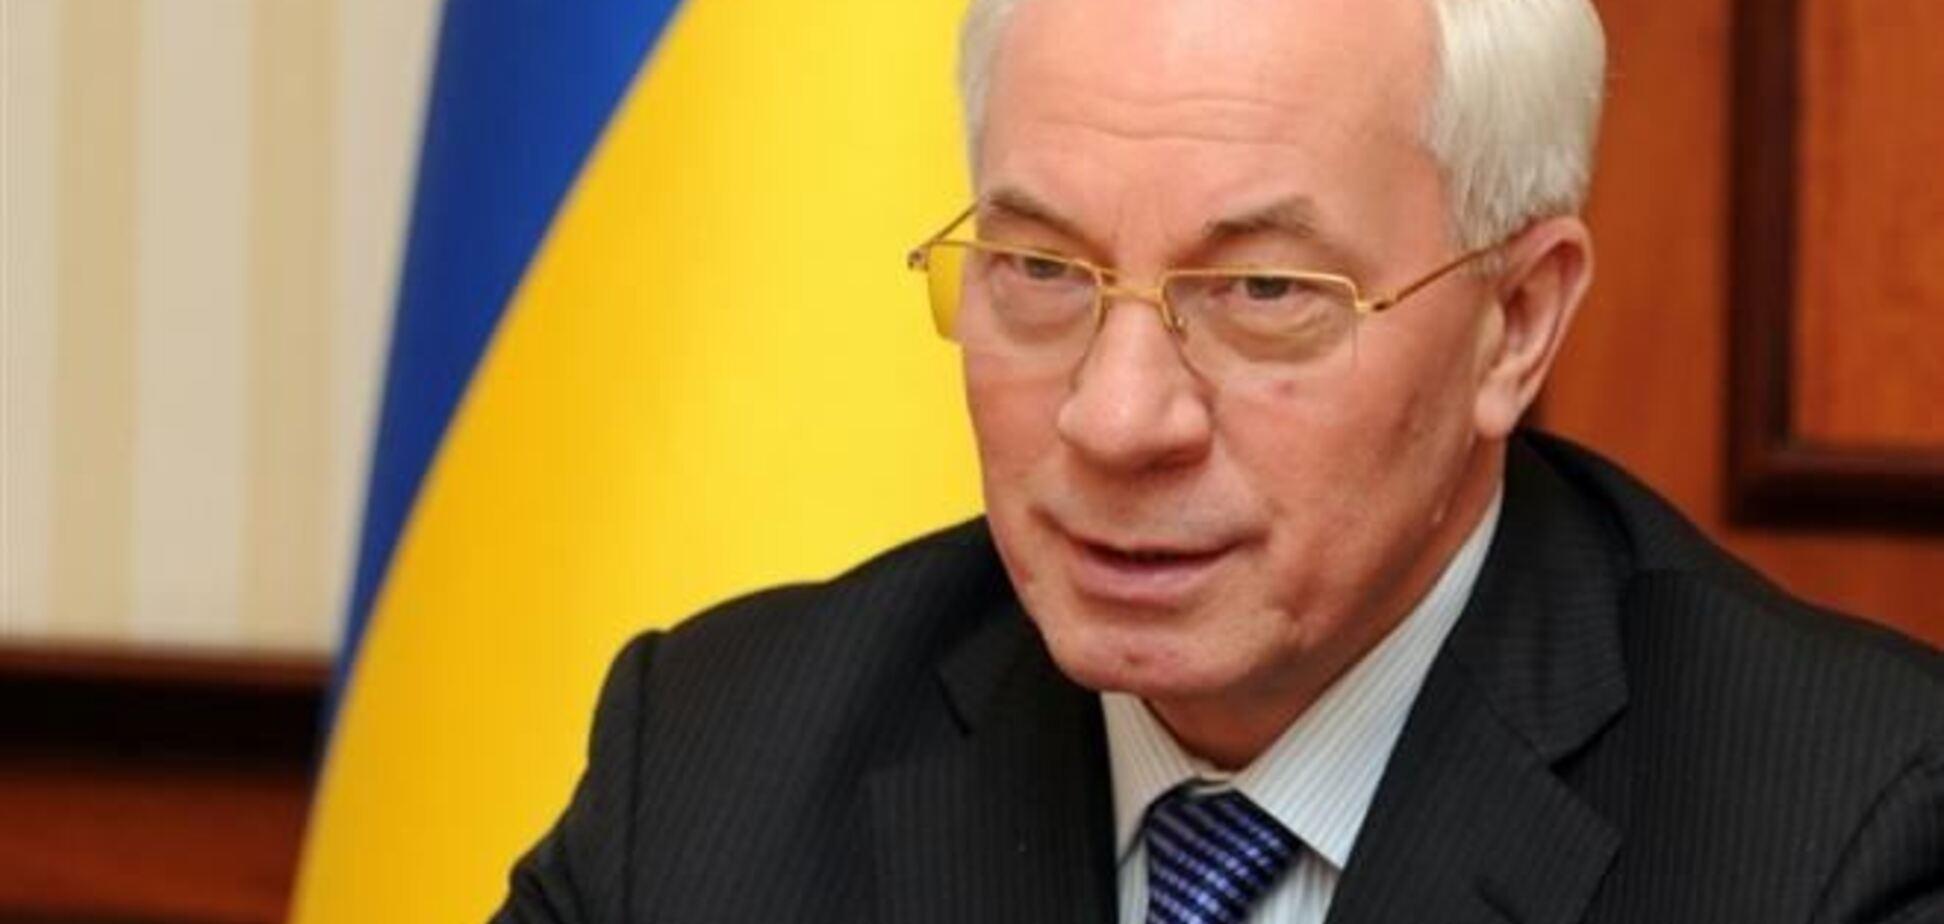 Азаров підпише в Москві близько 60 угод щодо МС - ЗМІ